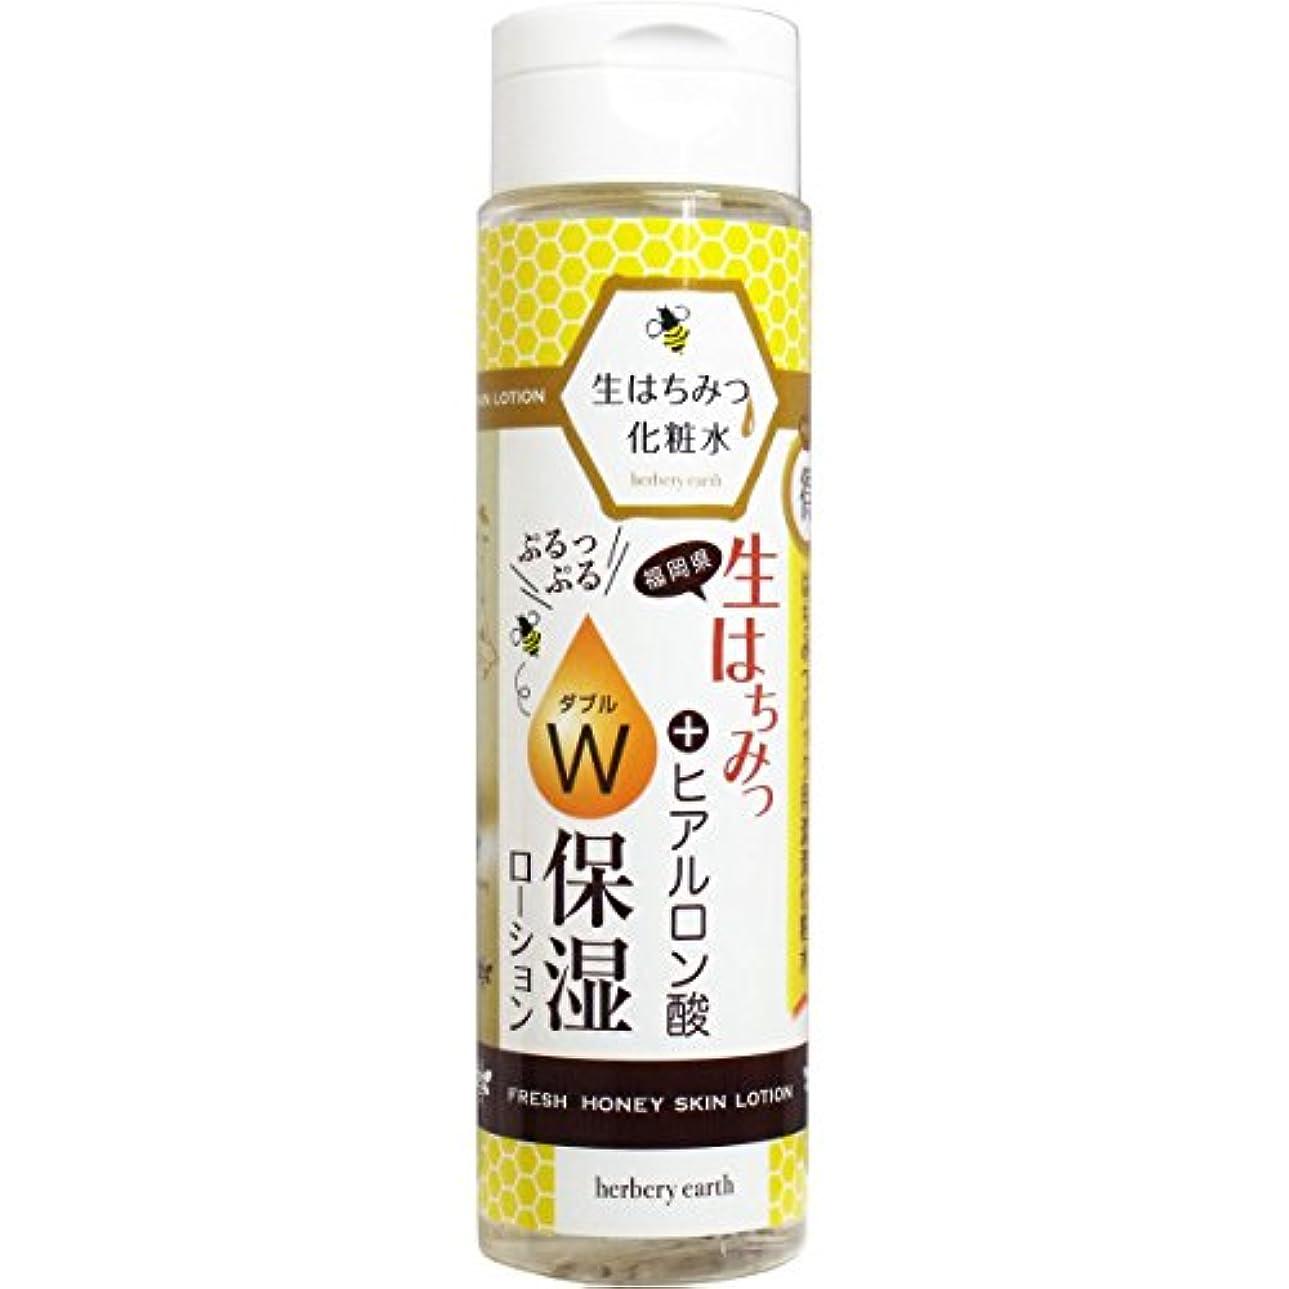 ハンディキャップ不健全リボン【セット品】生はちみつ化粧水 W保湿スキンローション (5個)